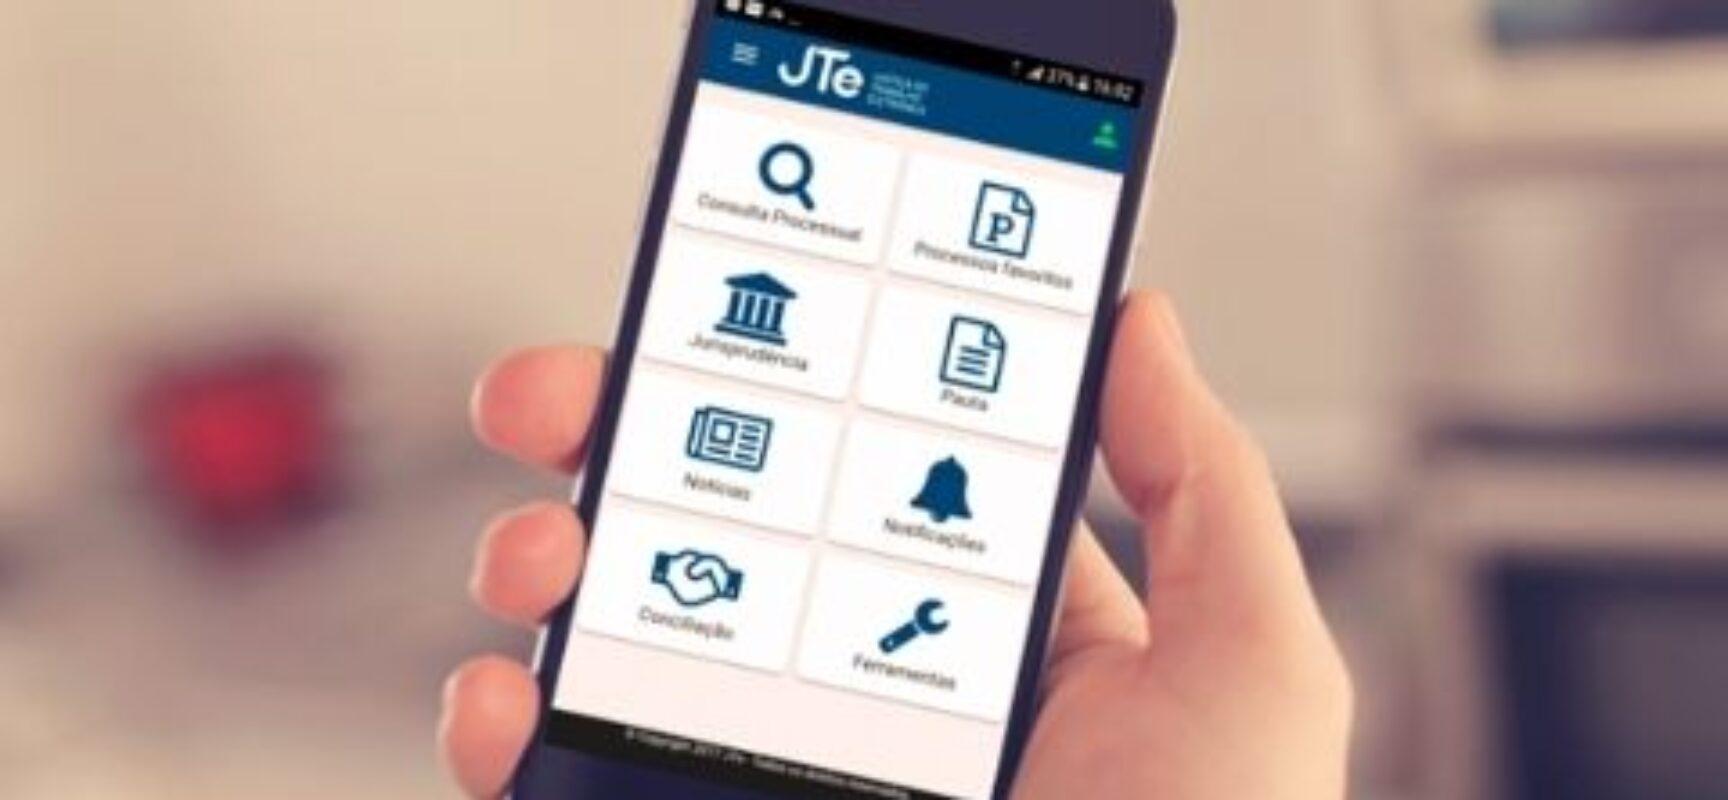 Aplicativo da Justiça do Trabalho tem 1,3 milhão de downloads e 306 mil usuários